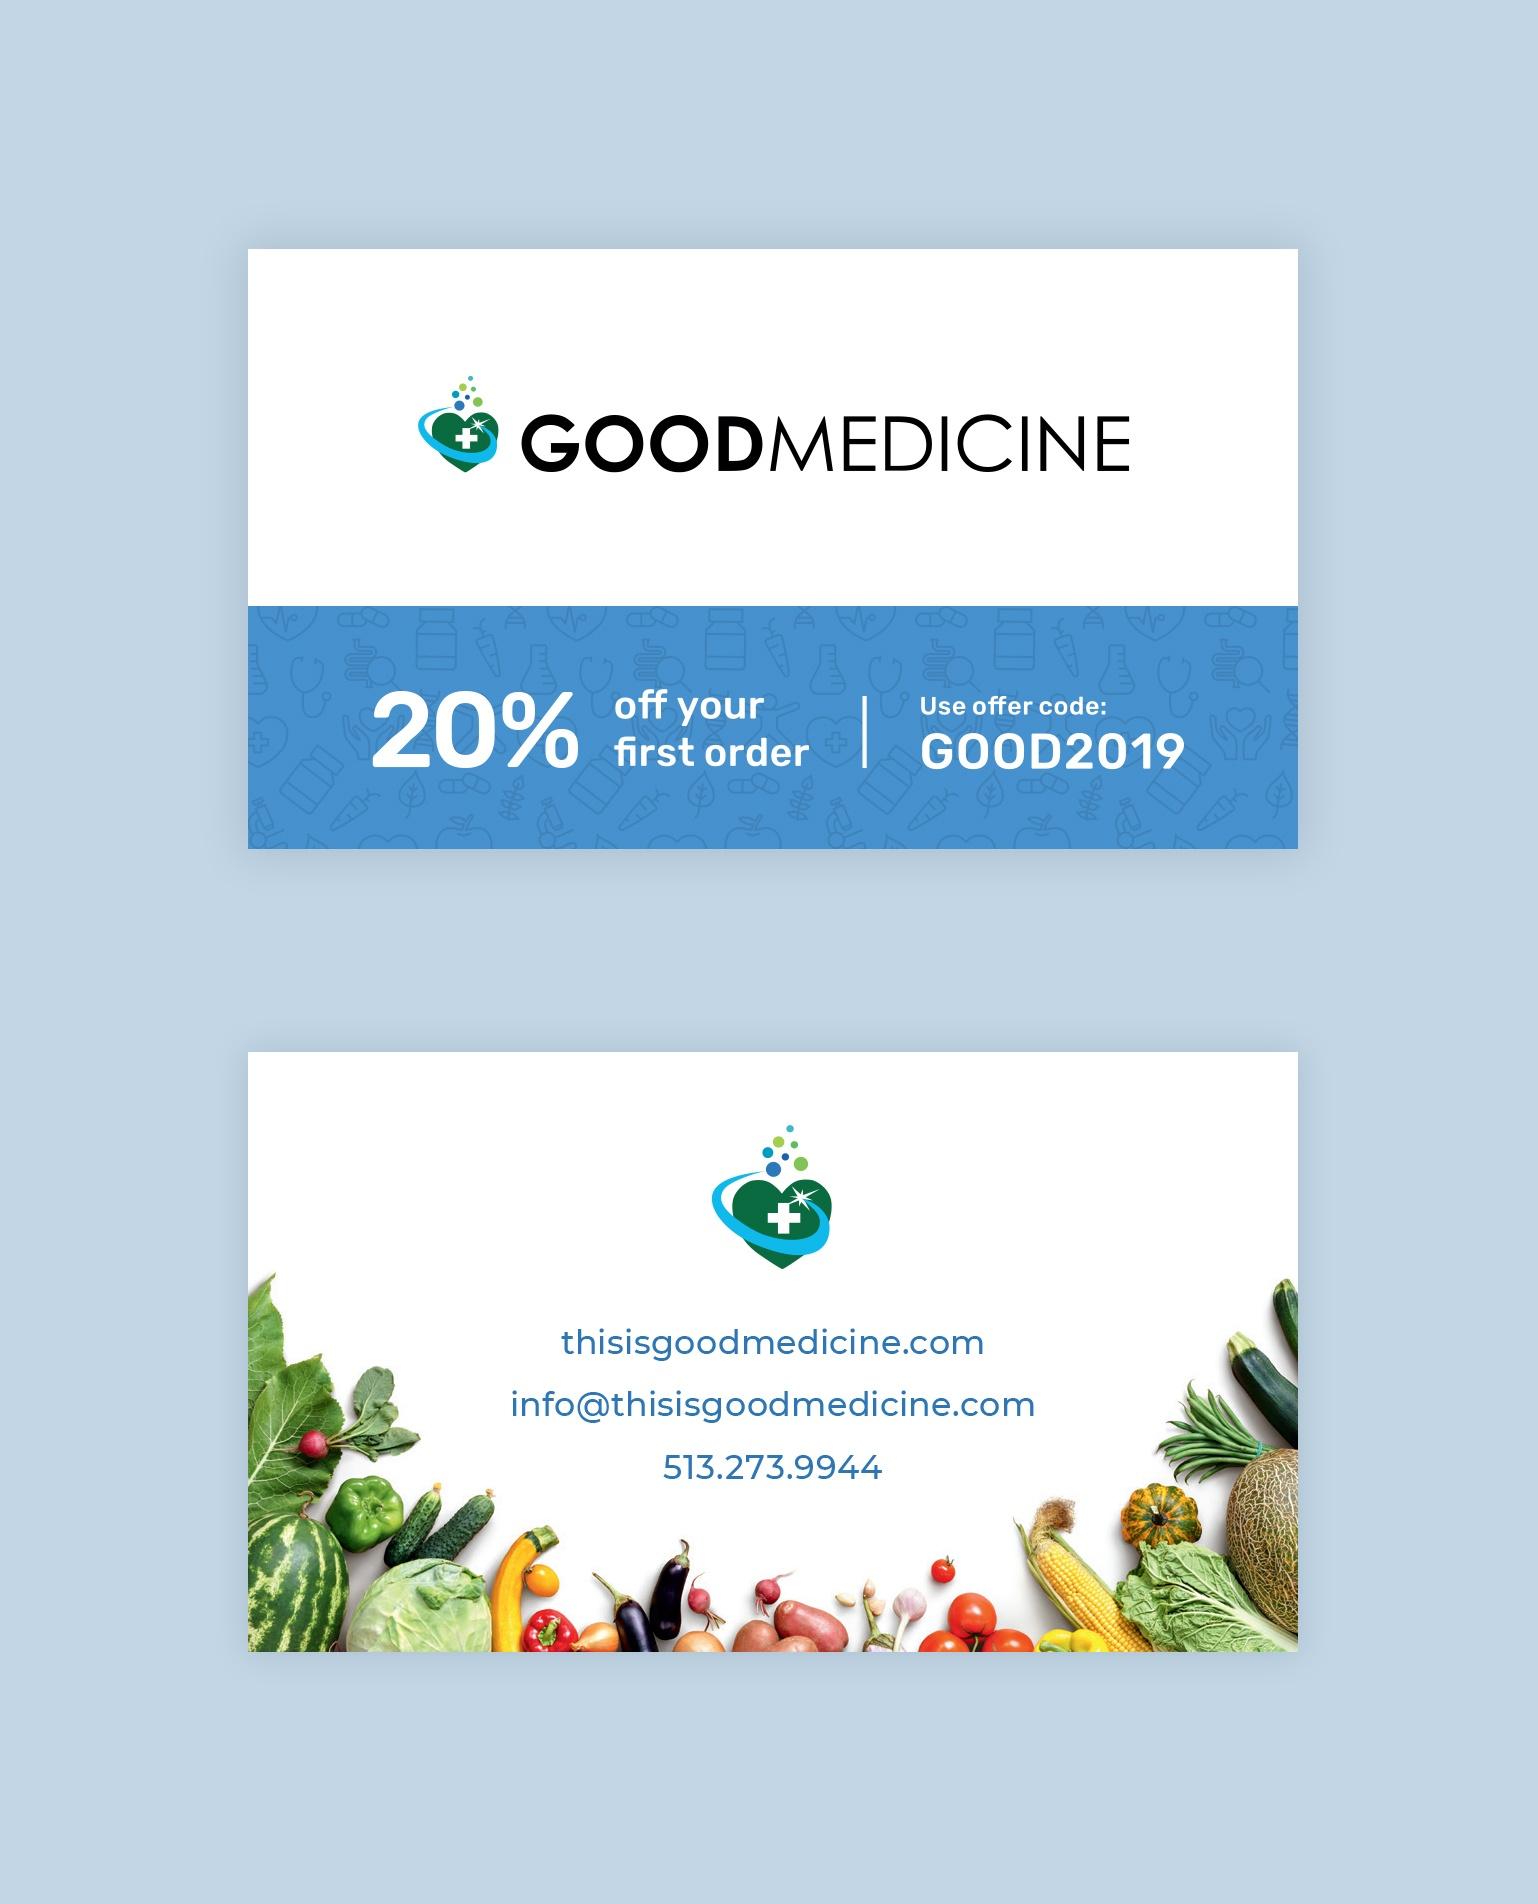 An image of a coupon card design